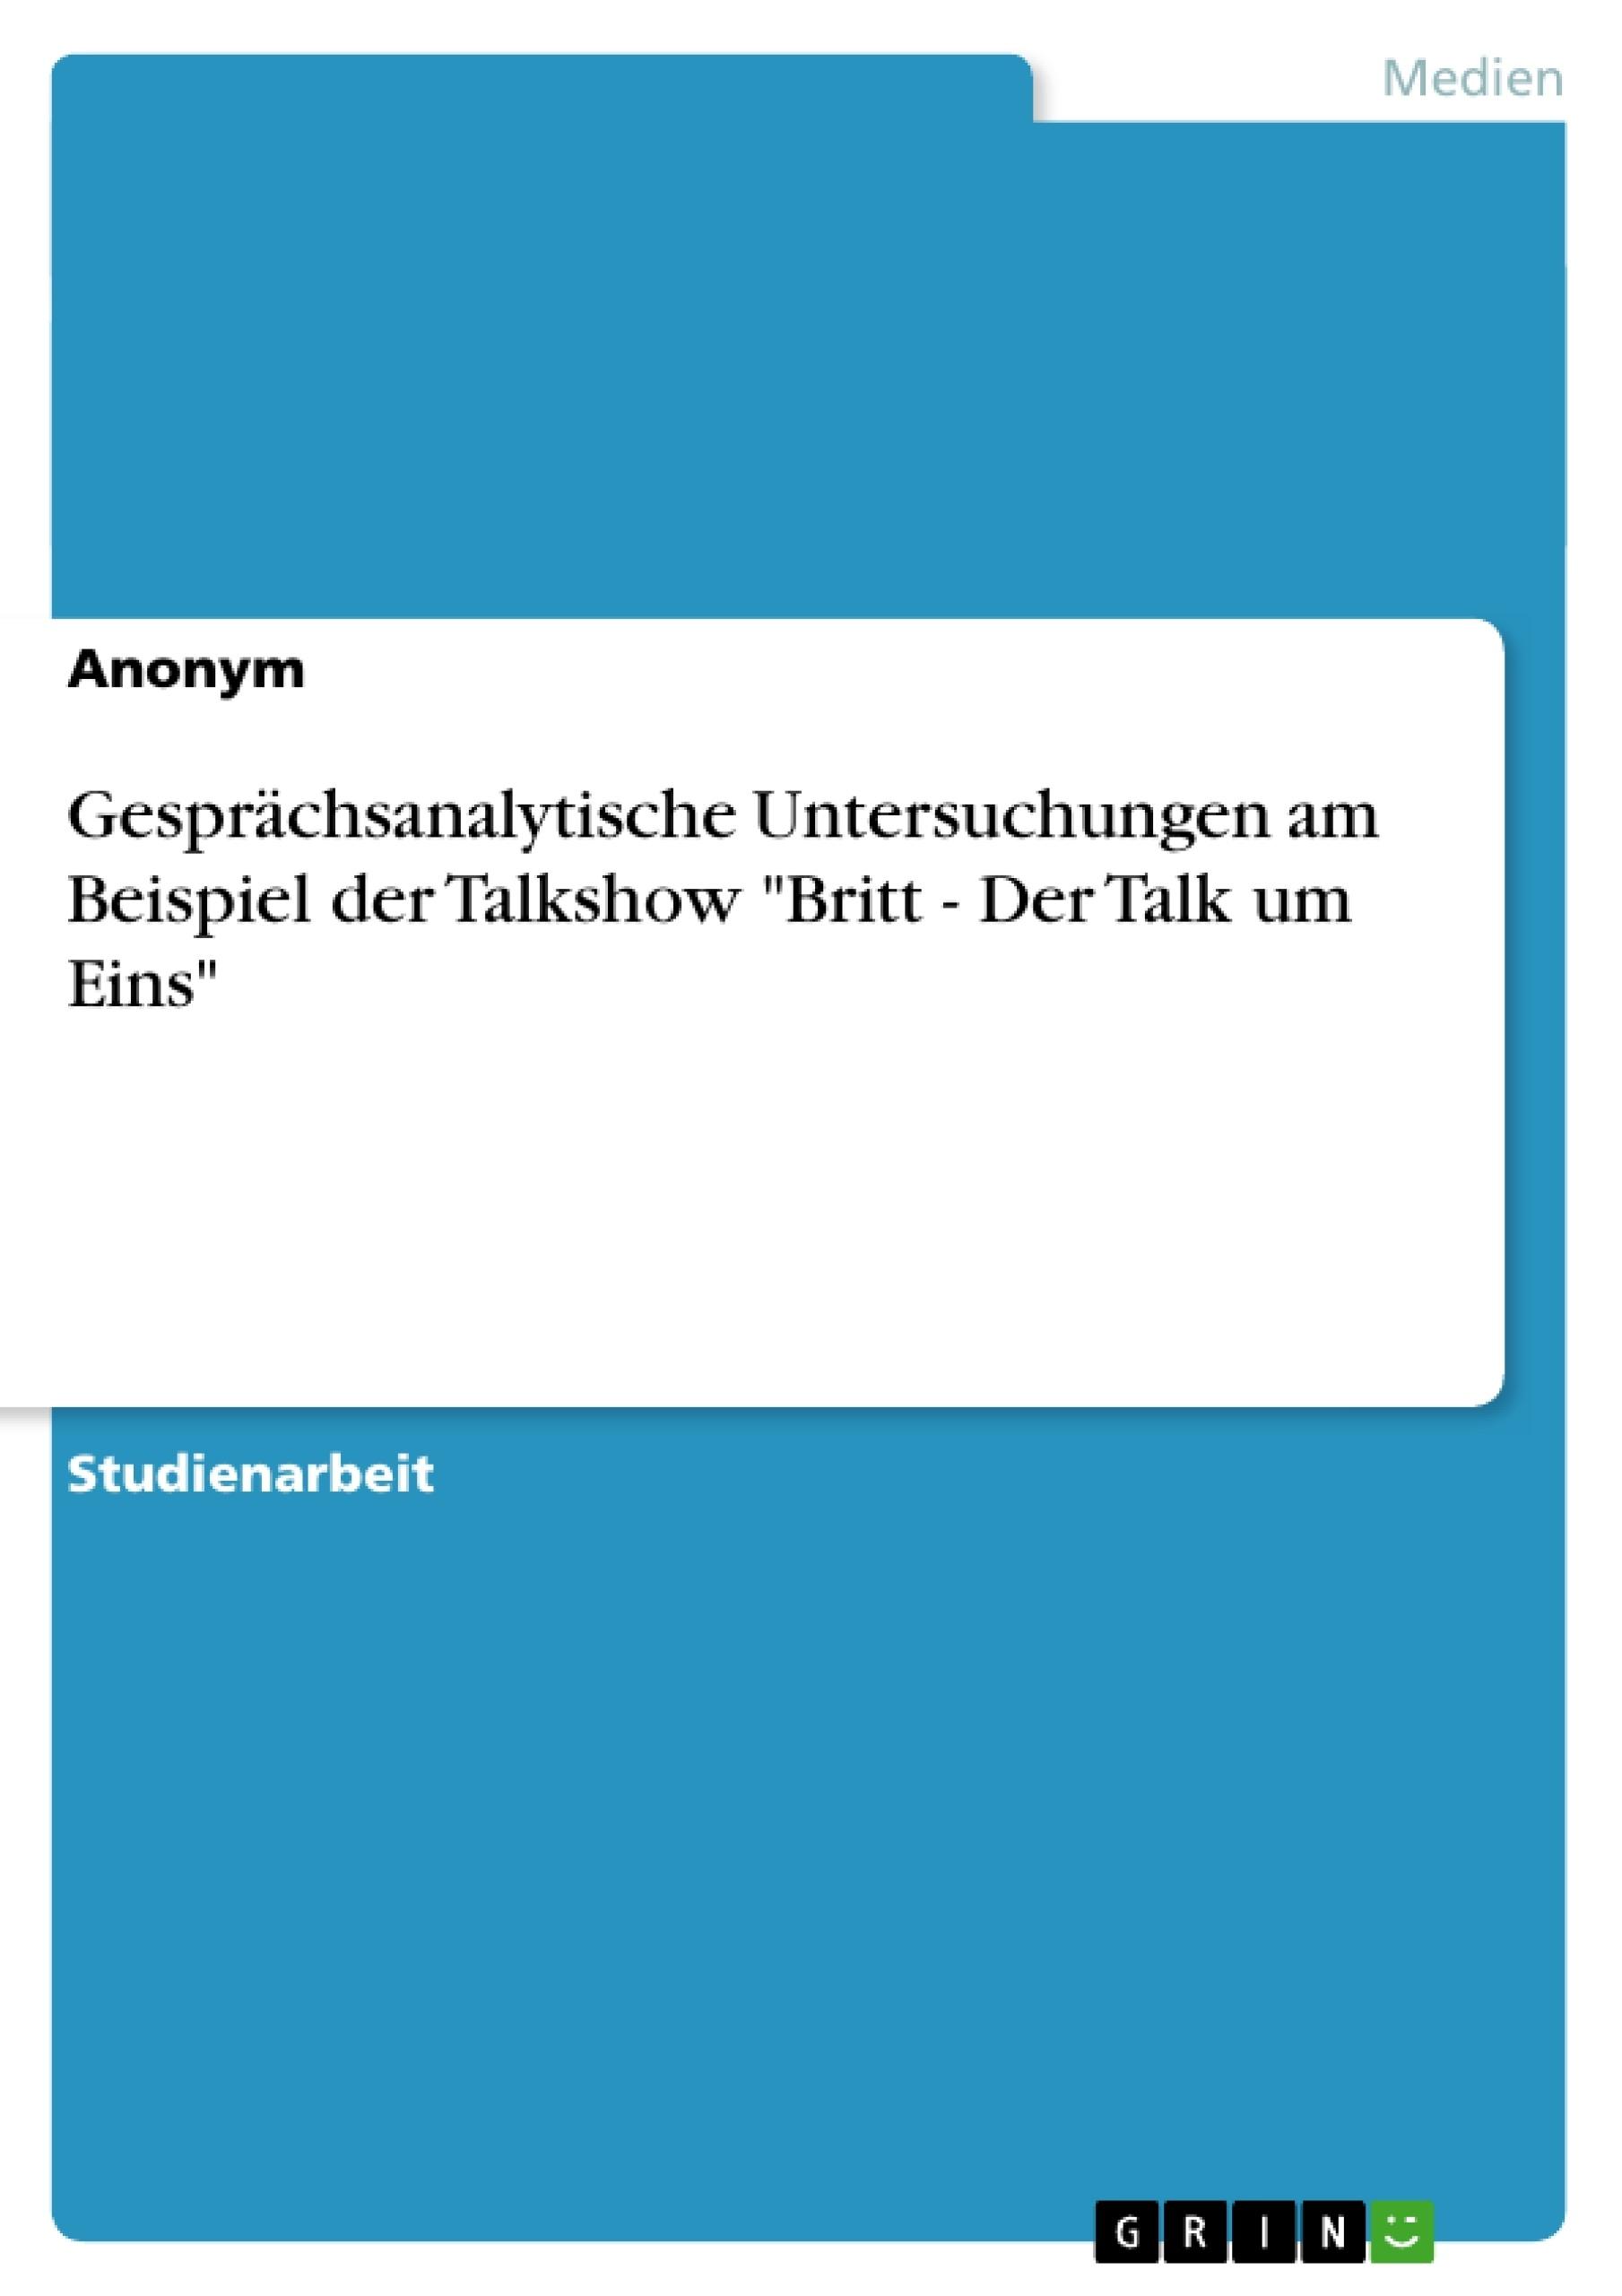 """Titel: Gesprächsanalytische Untersuchungen am Beispiel der Talkshow """"Britt - Der Talk um Eins"""""""